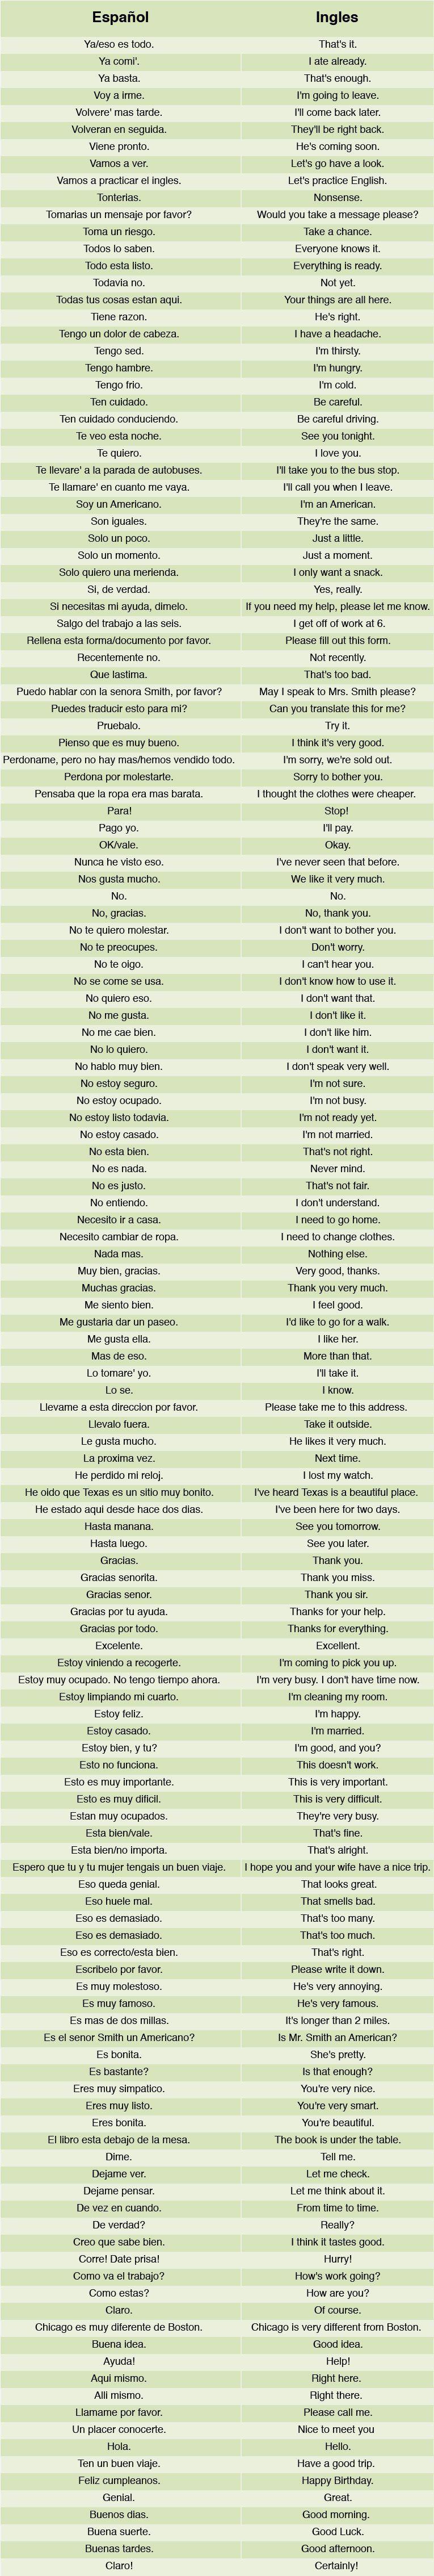 151 Frases Con Las Que Podrás Mantener Una Conversación En Inglés Conversaciones En Ingles Enseñando Español Vocabulario Ingles Español